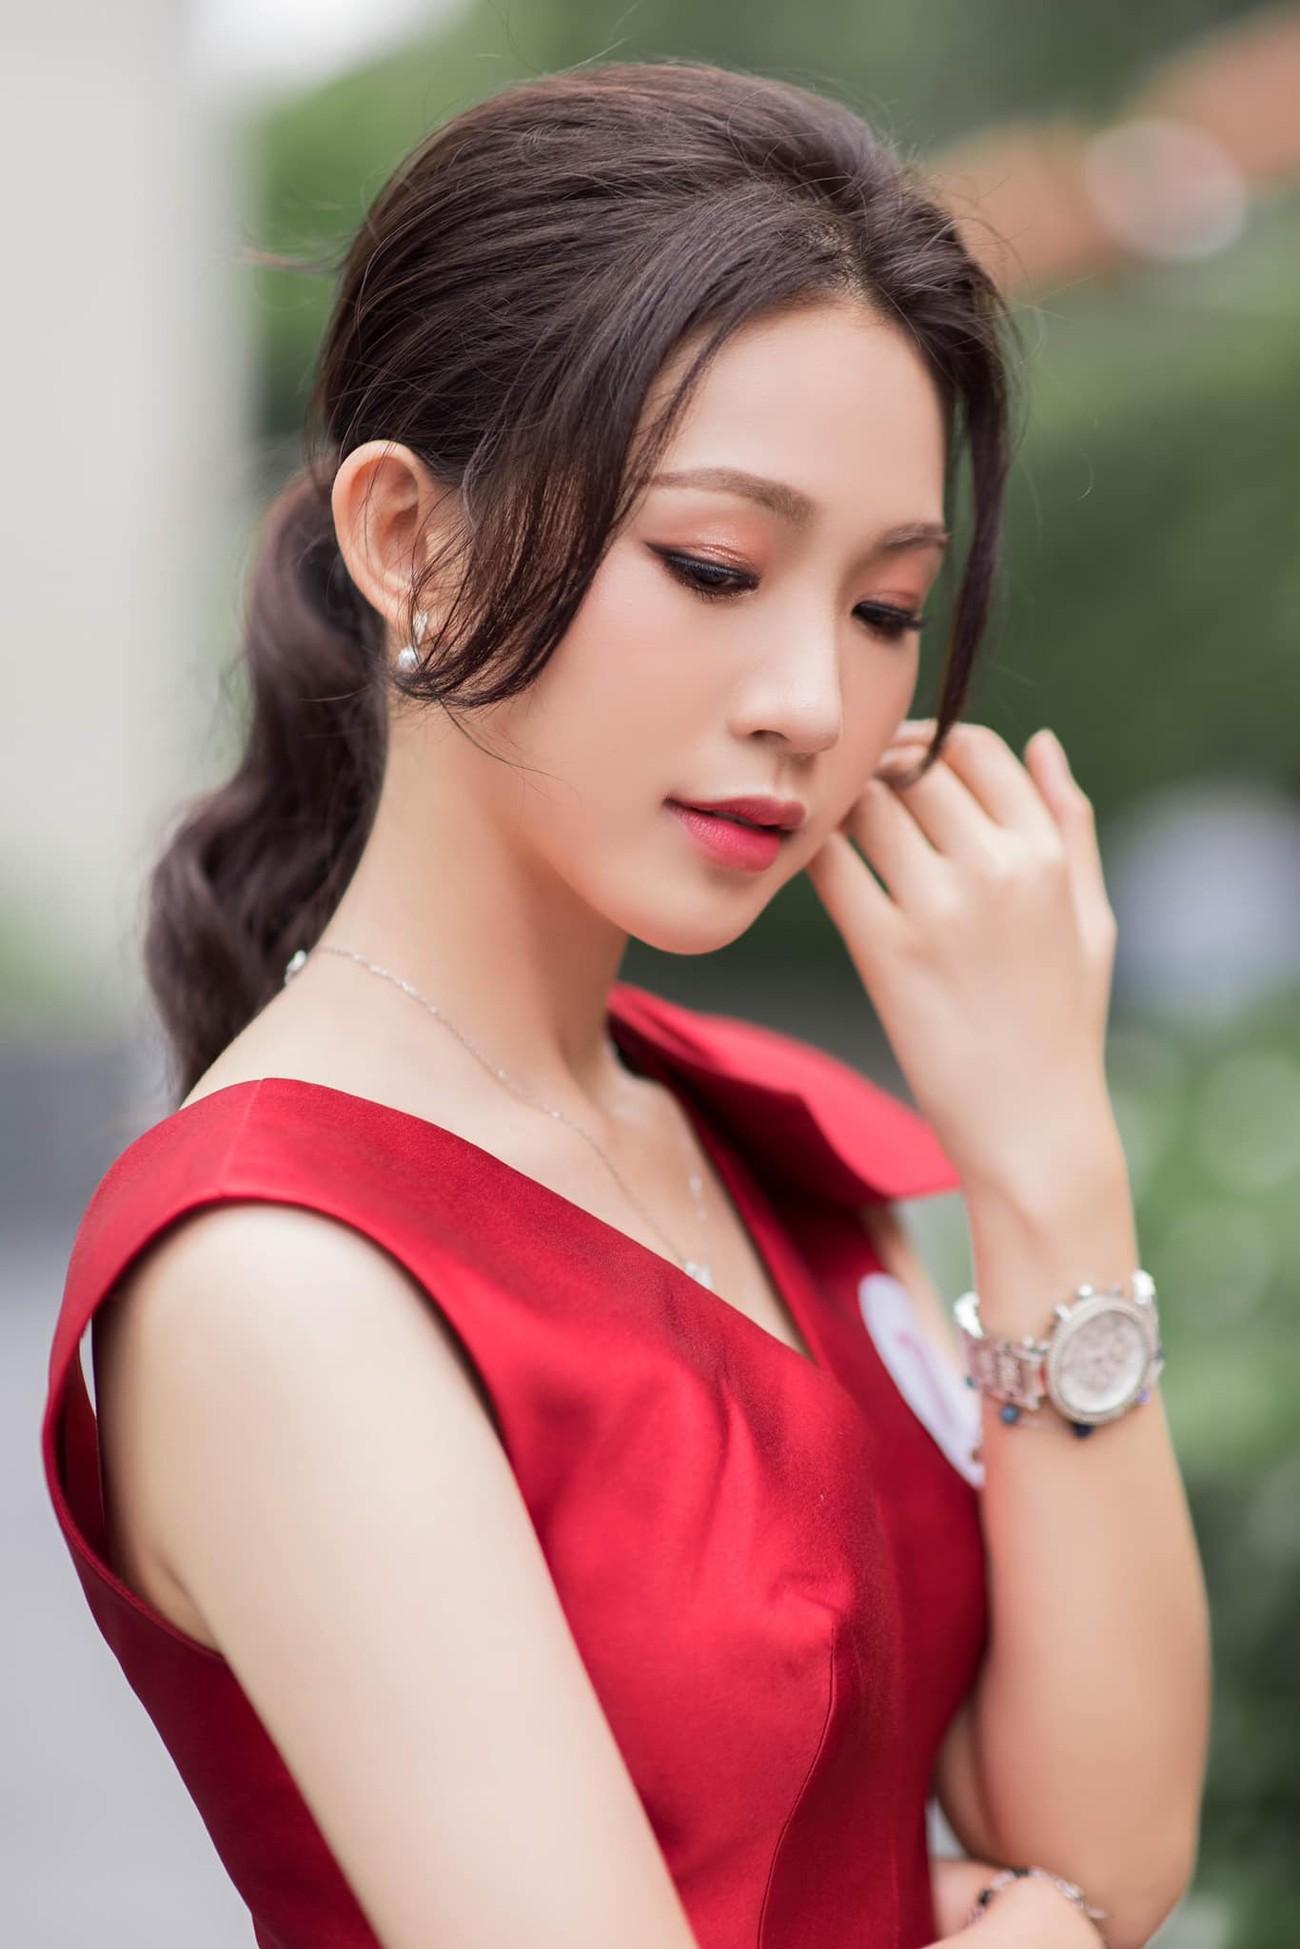 Nhan sắc tựa nàng thơ của 'Người đẹp được yêu thích nhất' Hoa hậu Việt Nam 2020 ảnh 7